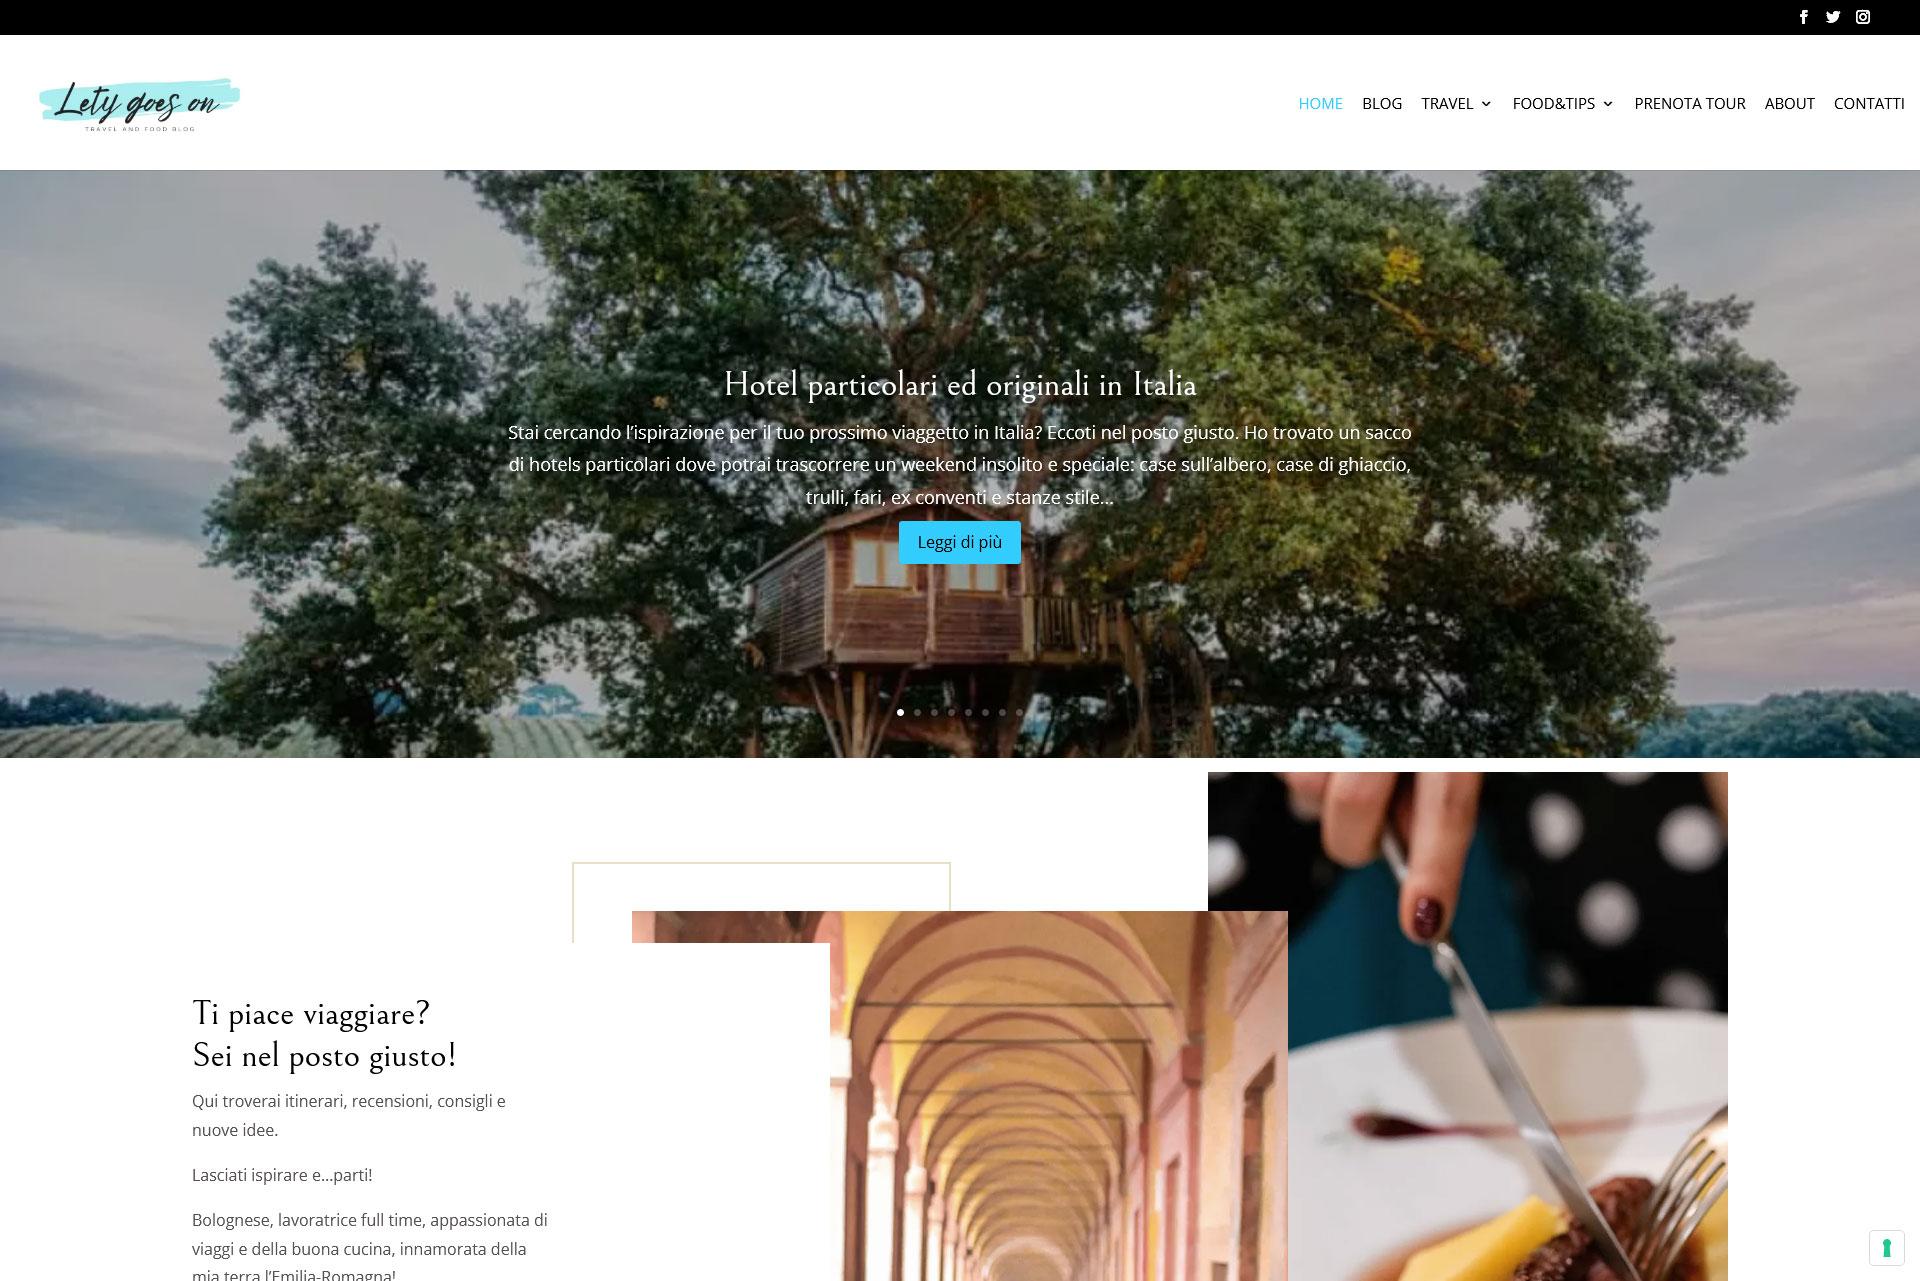 lv-design-realizzazione-siti-web-bologna-portfolio-lety-goes-on-slide-1